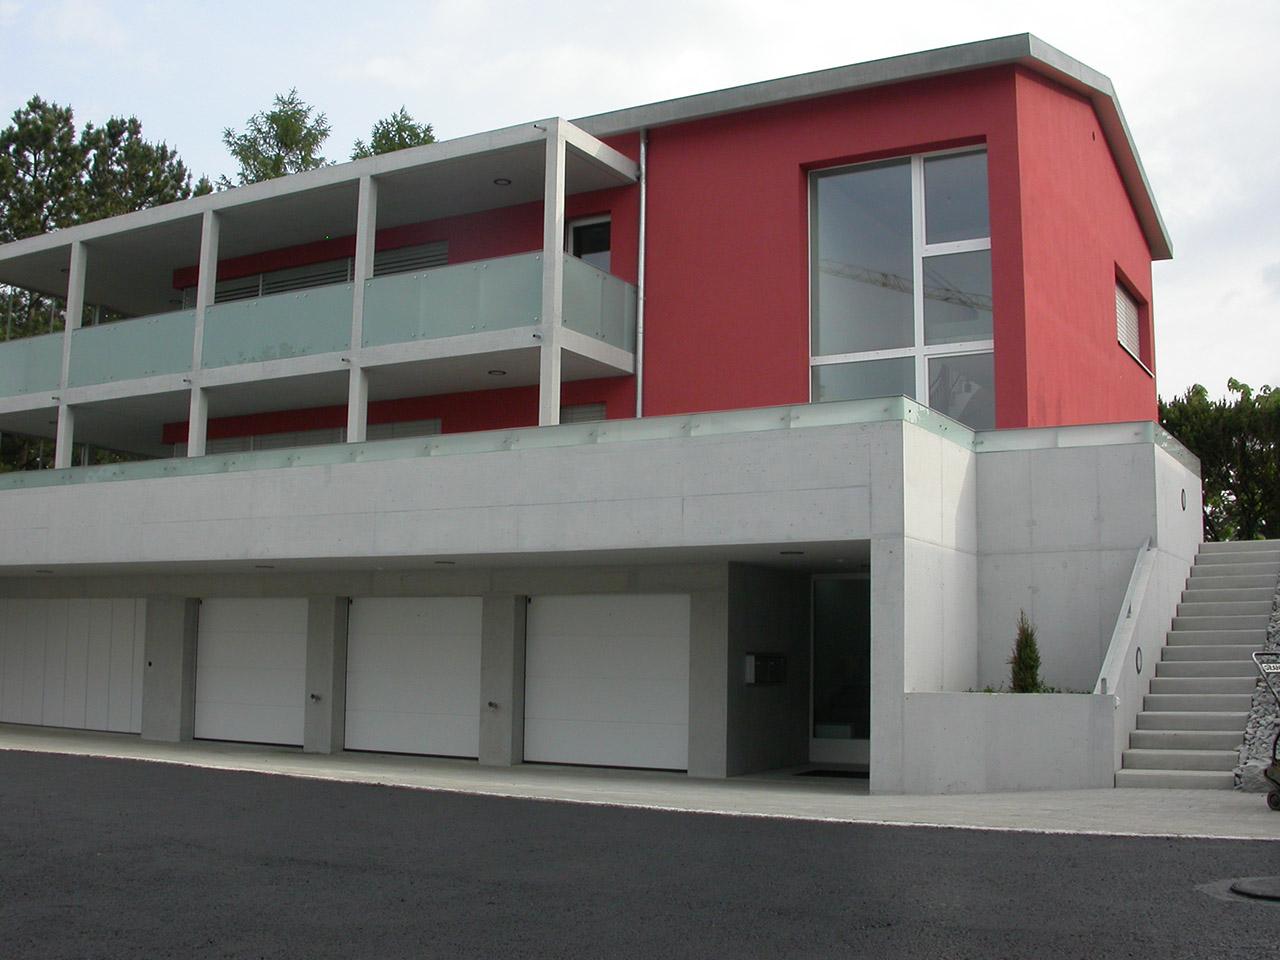 laubhus-architektur-mehrfamilienhaus-wuerenlingen